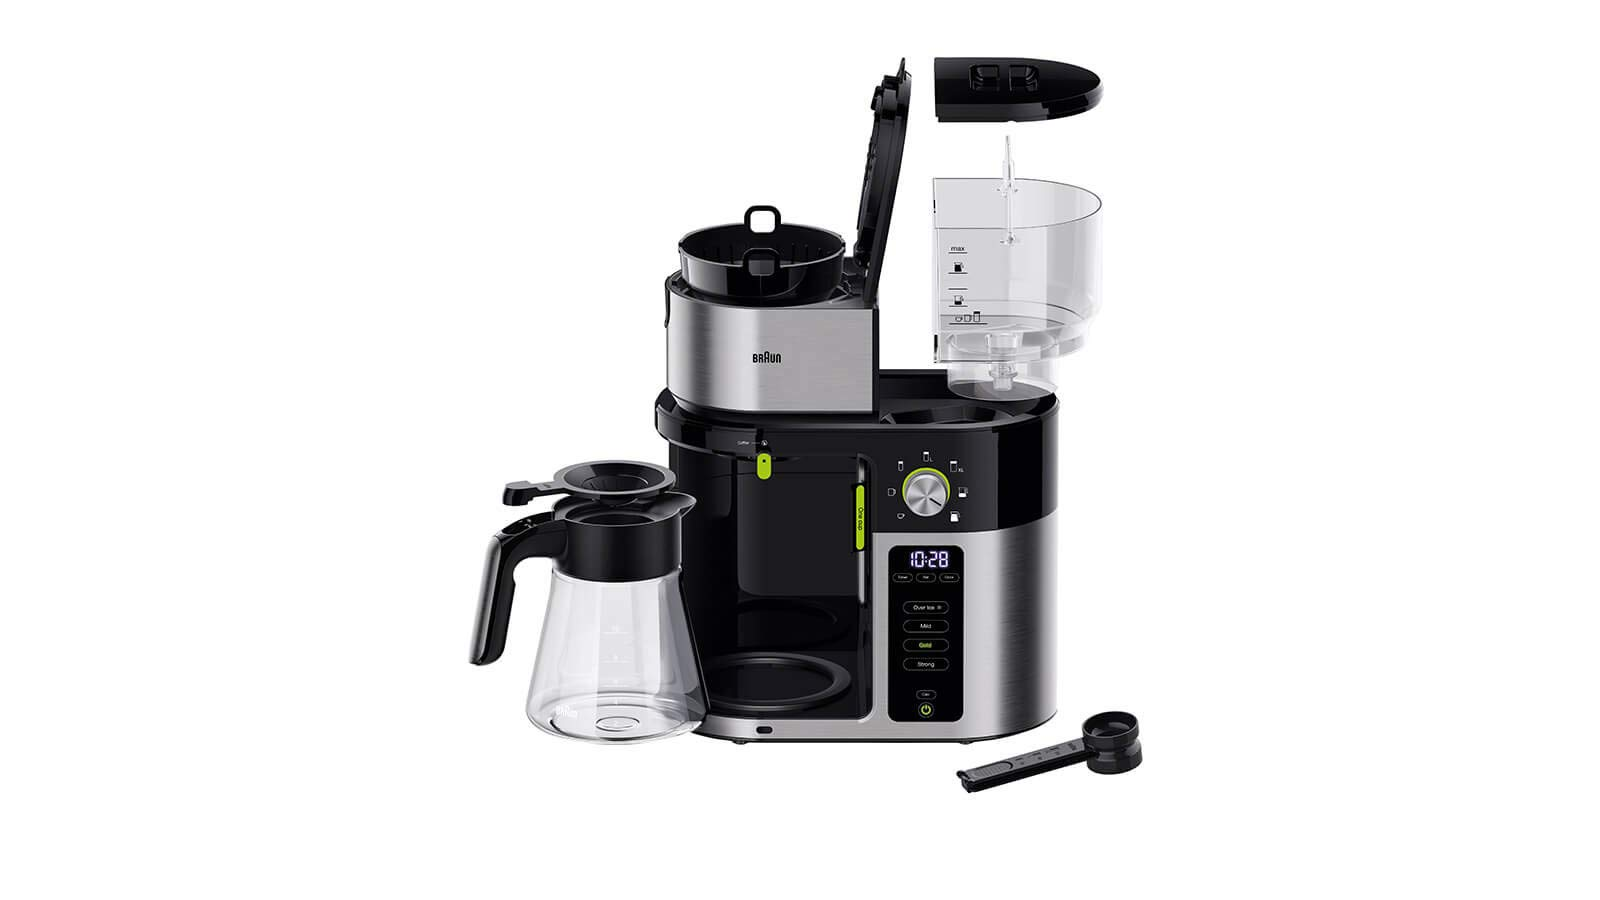 Braun Household Braun MultiServe KF 9050 - Cafetera de goteo con filtro (7 tamaños de porciones, 1 jarra pequeña para hasta 10 tazas, pantalla táctil, 1.750 W, acero inoxidable 18/8), color negro: Amazon.es: Hogar